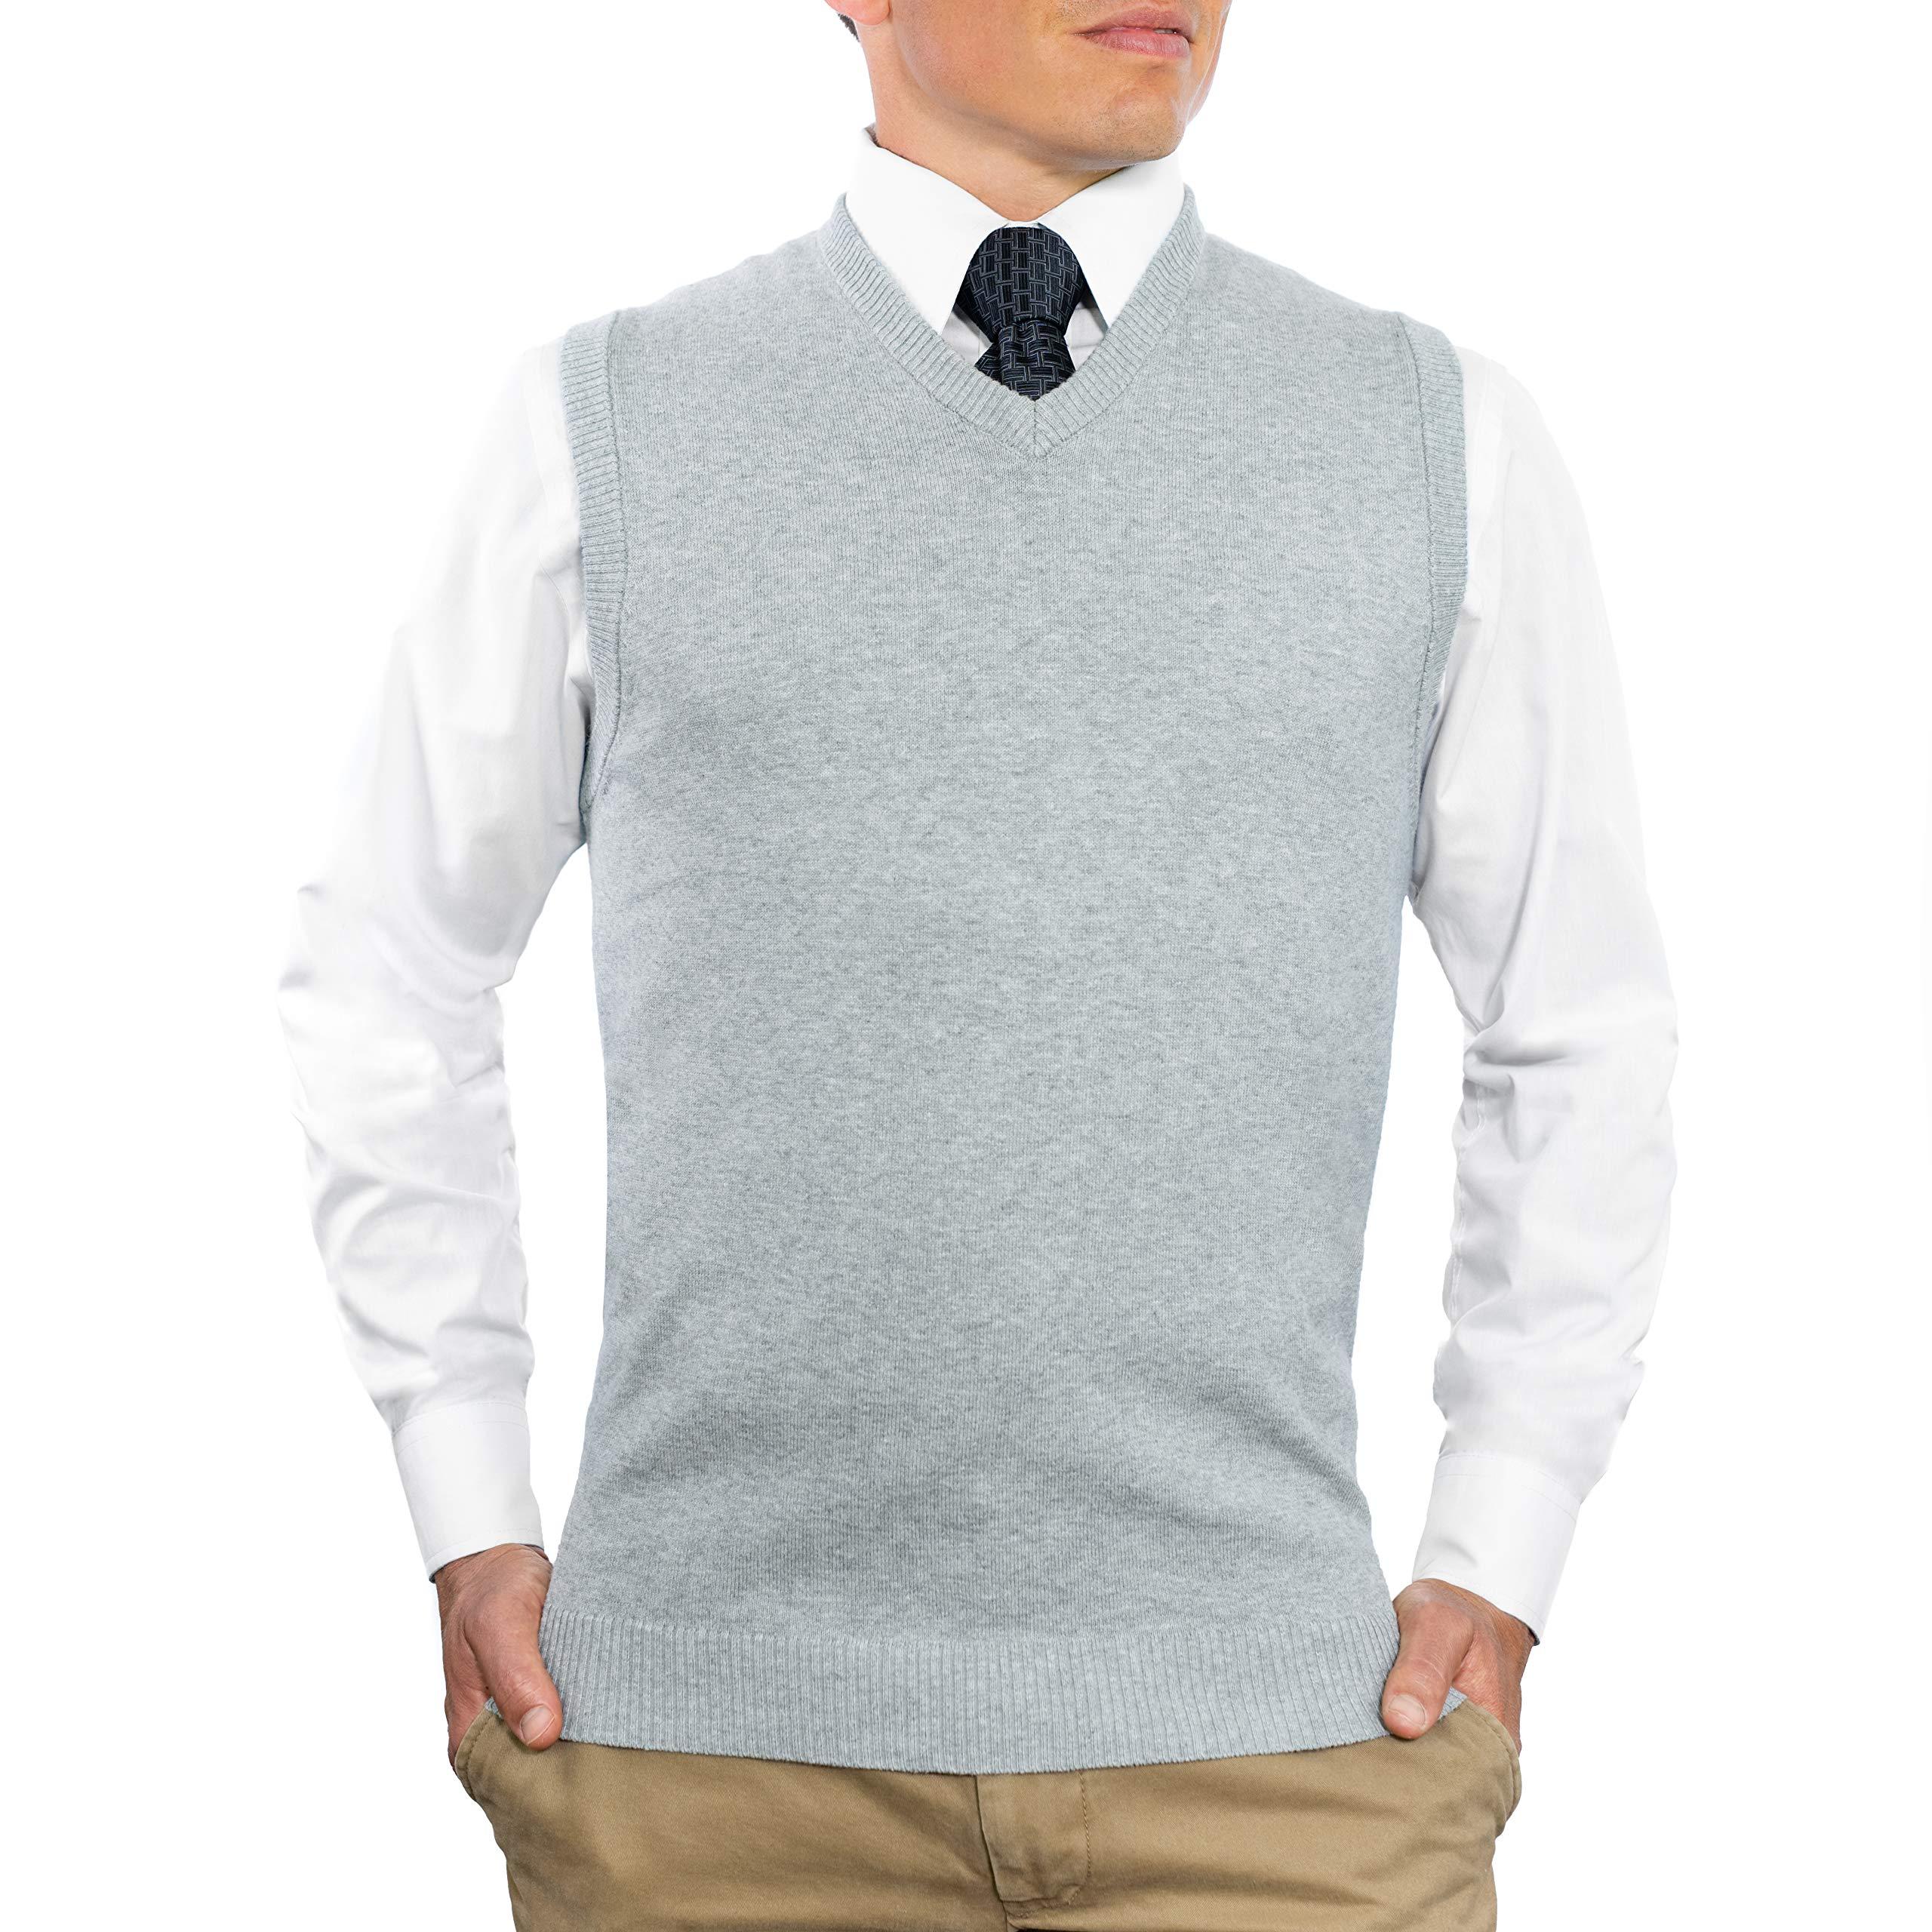 CC Cotton Blend Slim Fit V Neck Sweater Vest for Men | Lightweight Breathable Vests for Men | Wash Friendly V Neck Mens Vests, Large, Heather Gray by Comfortably Collared